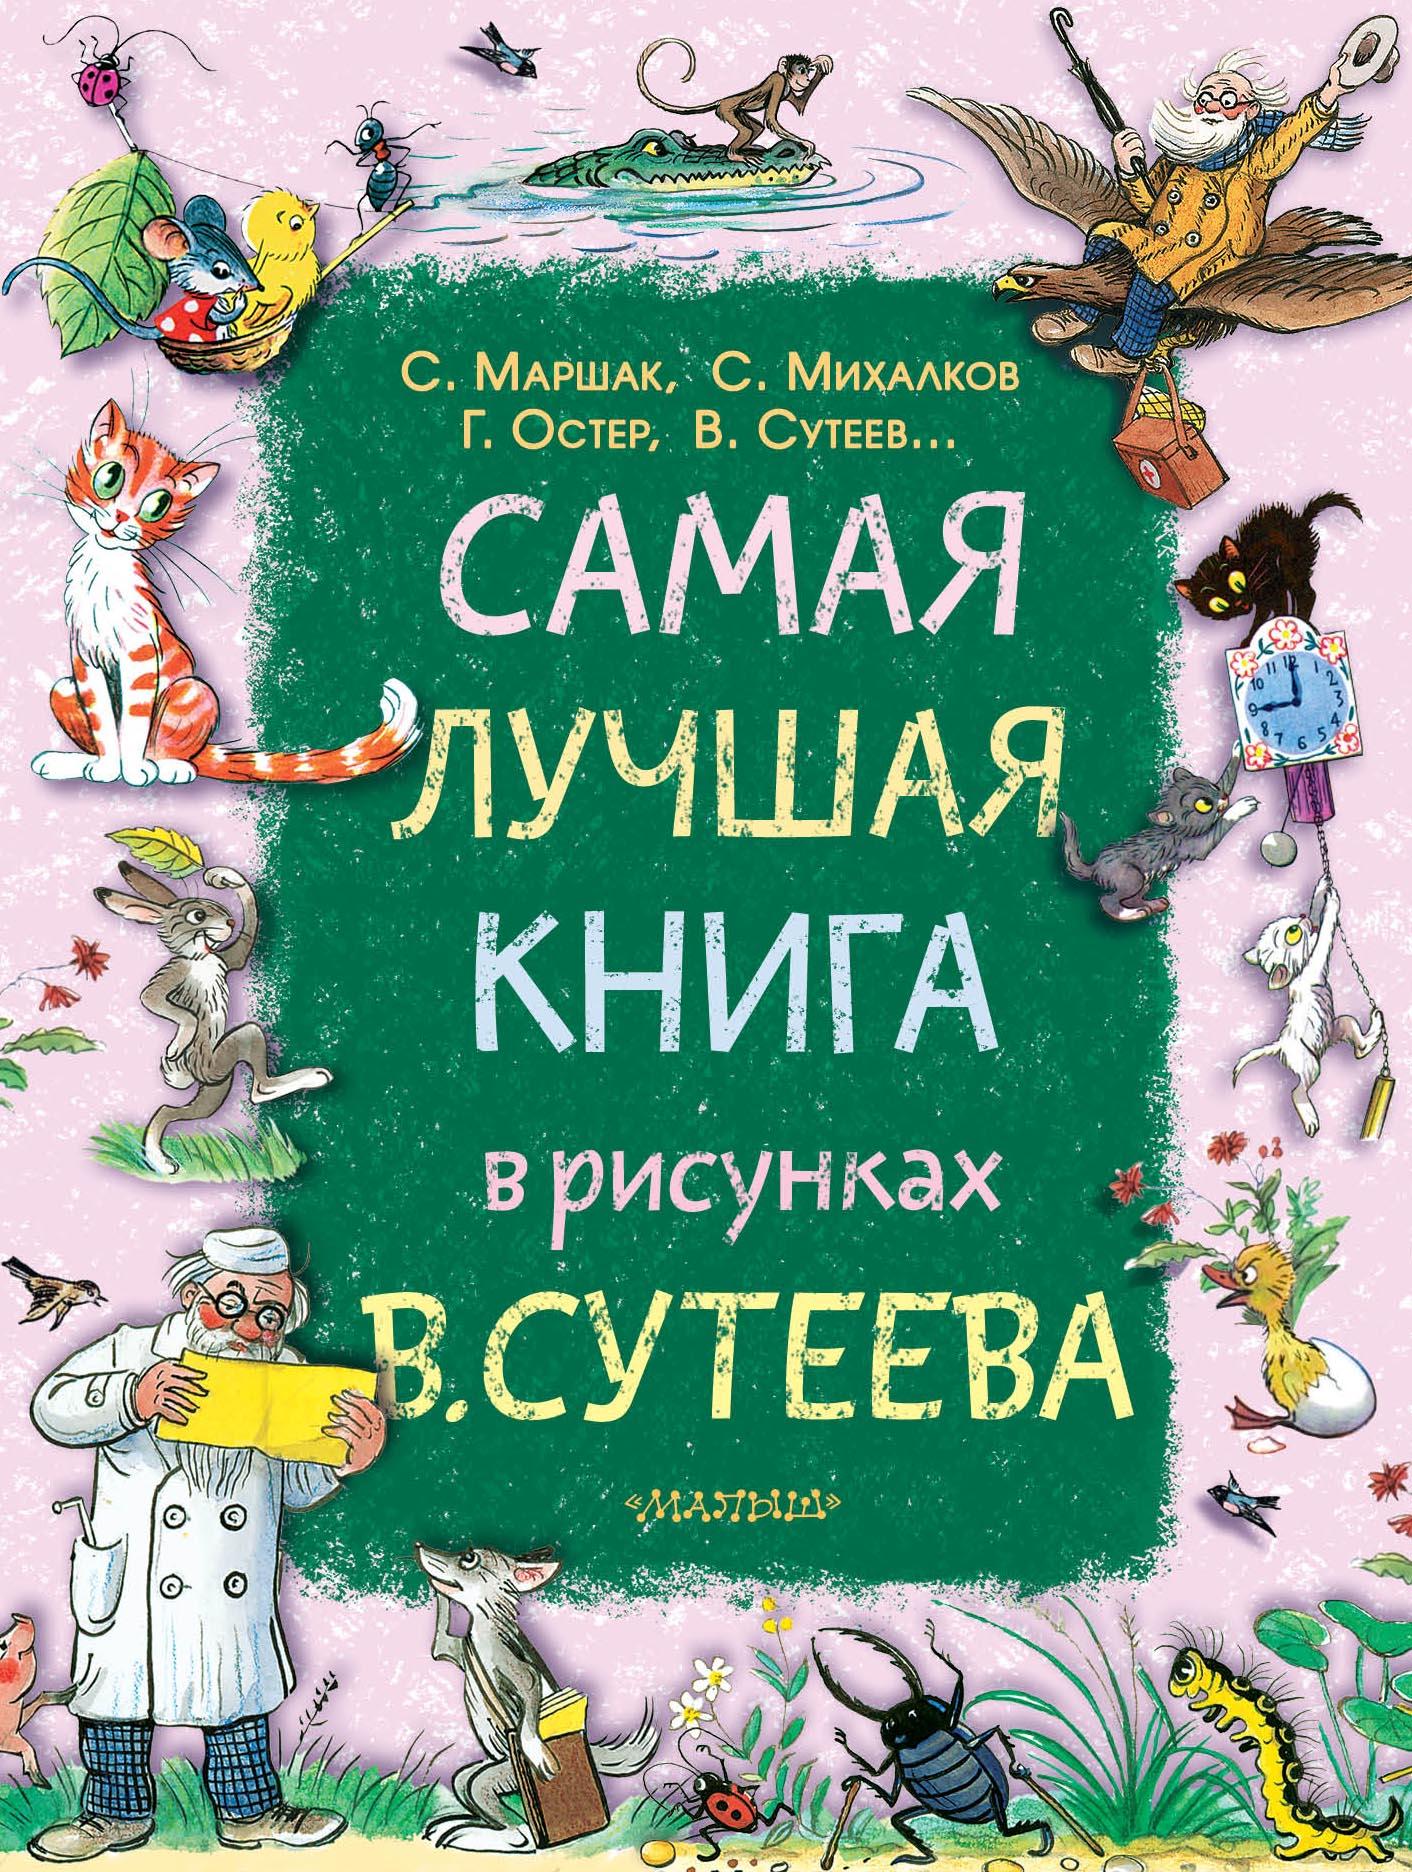 В. Г. Сутеев,С. Я. Маршак,С. В. Михалков,Г. Остер Самая лучшая книга в рисунках В. Сутеева сутеев в михалков с маршак с и др самая лучшая книга в рисунках в сутеева